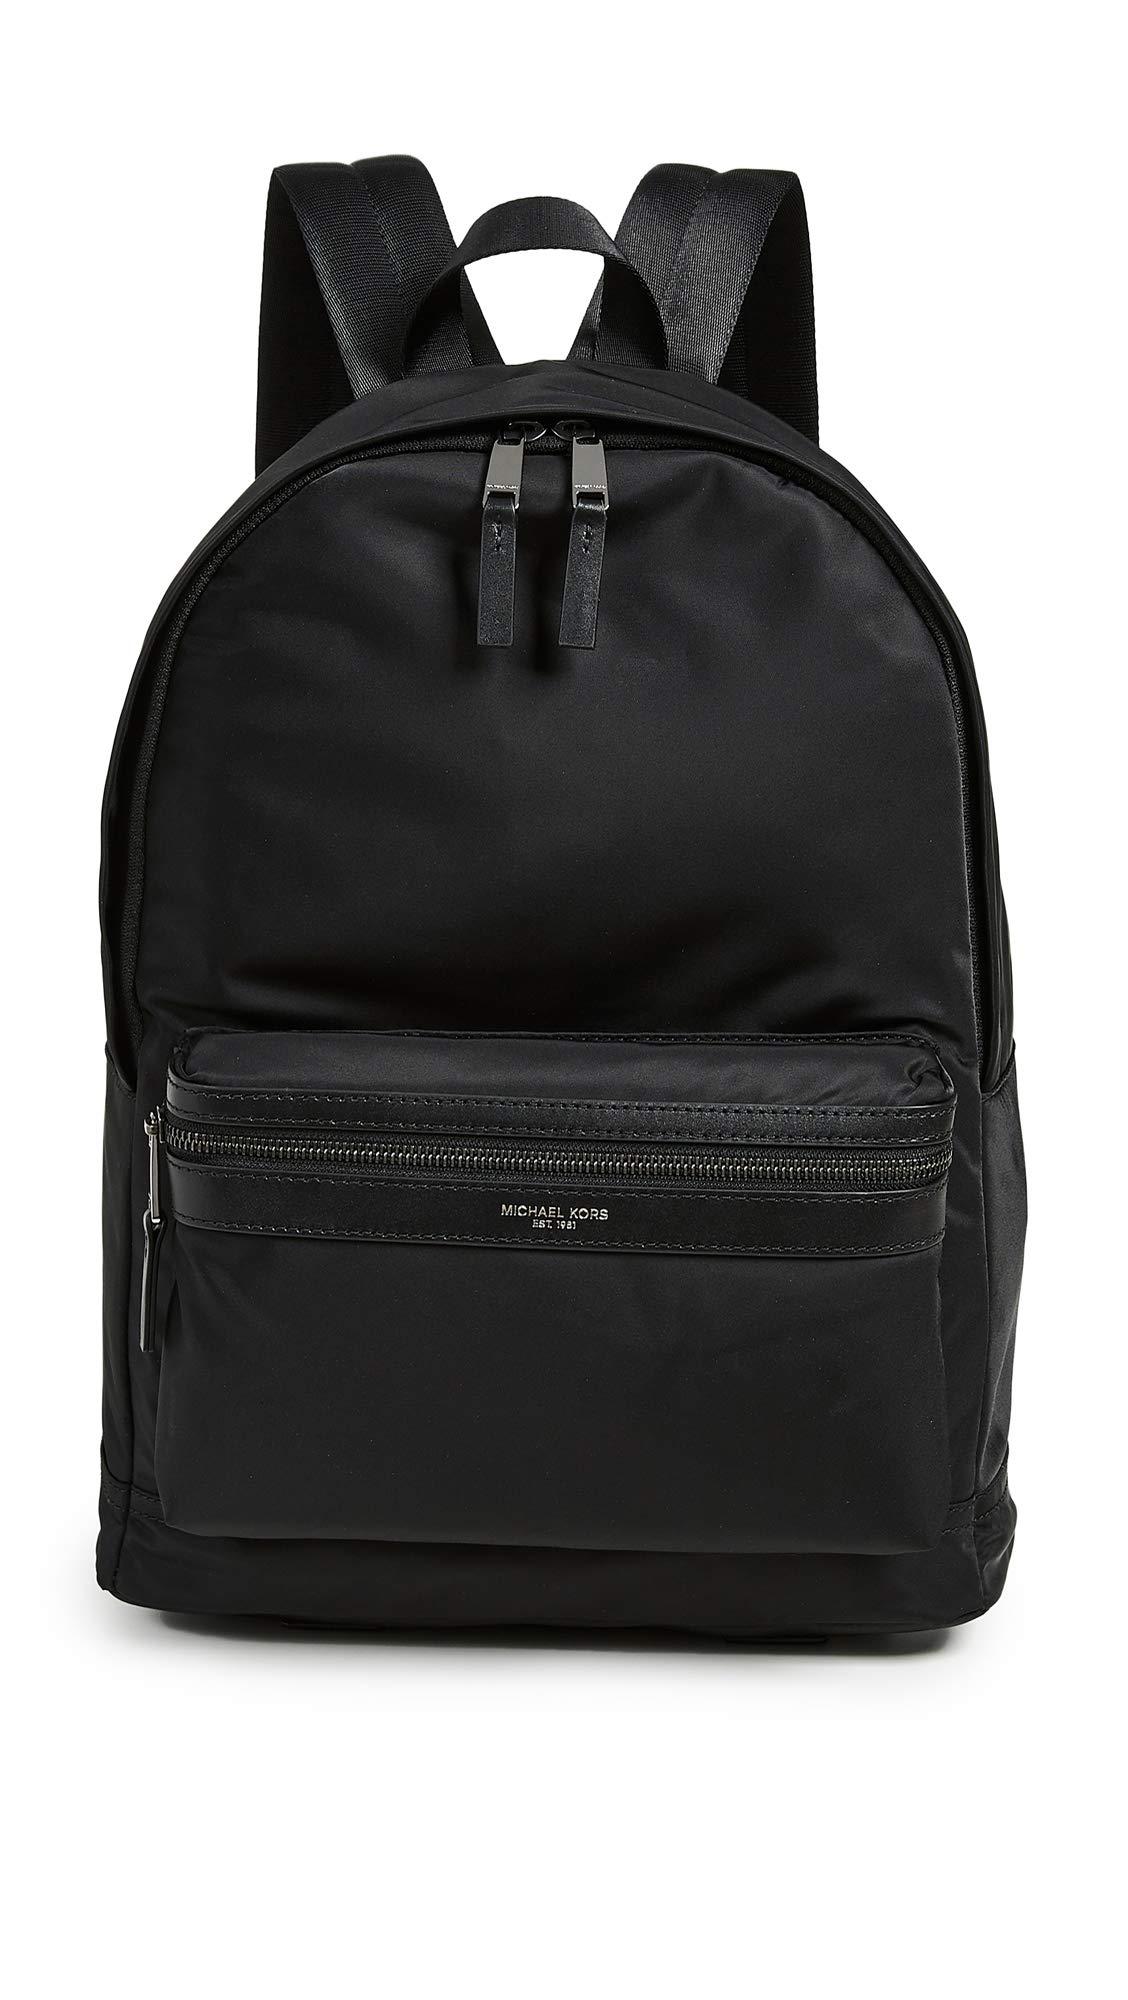 Michael Kors Nylon Backpack Black